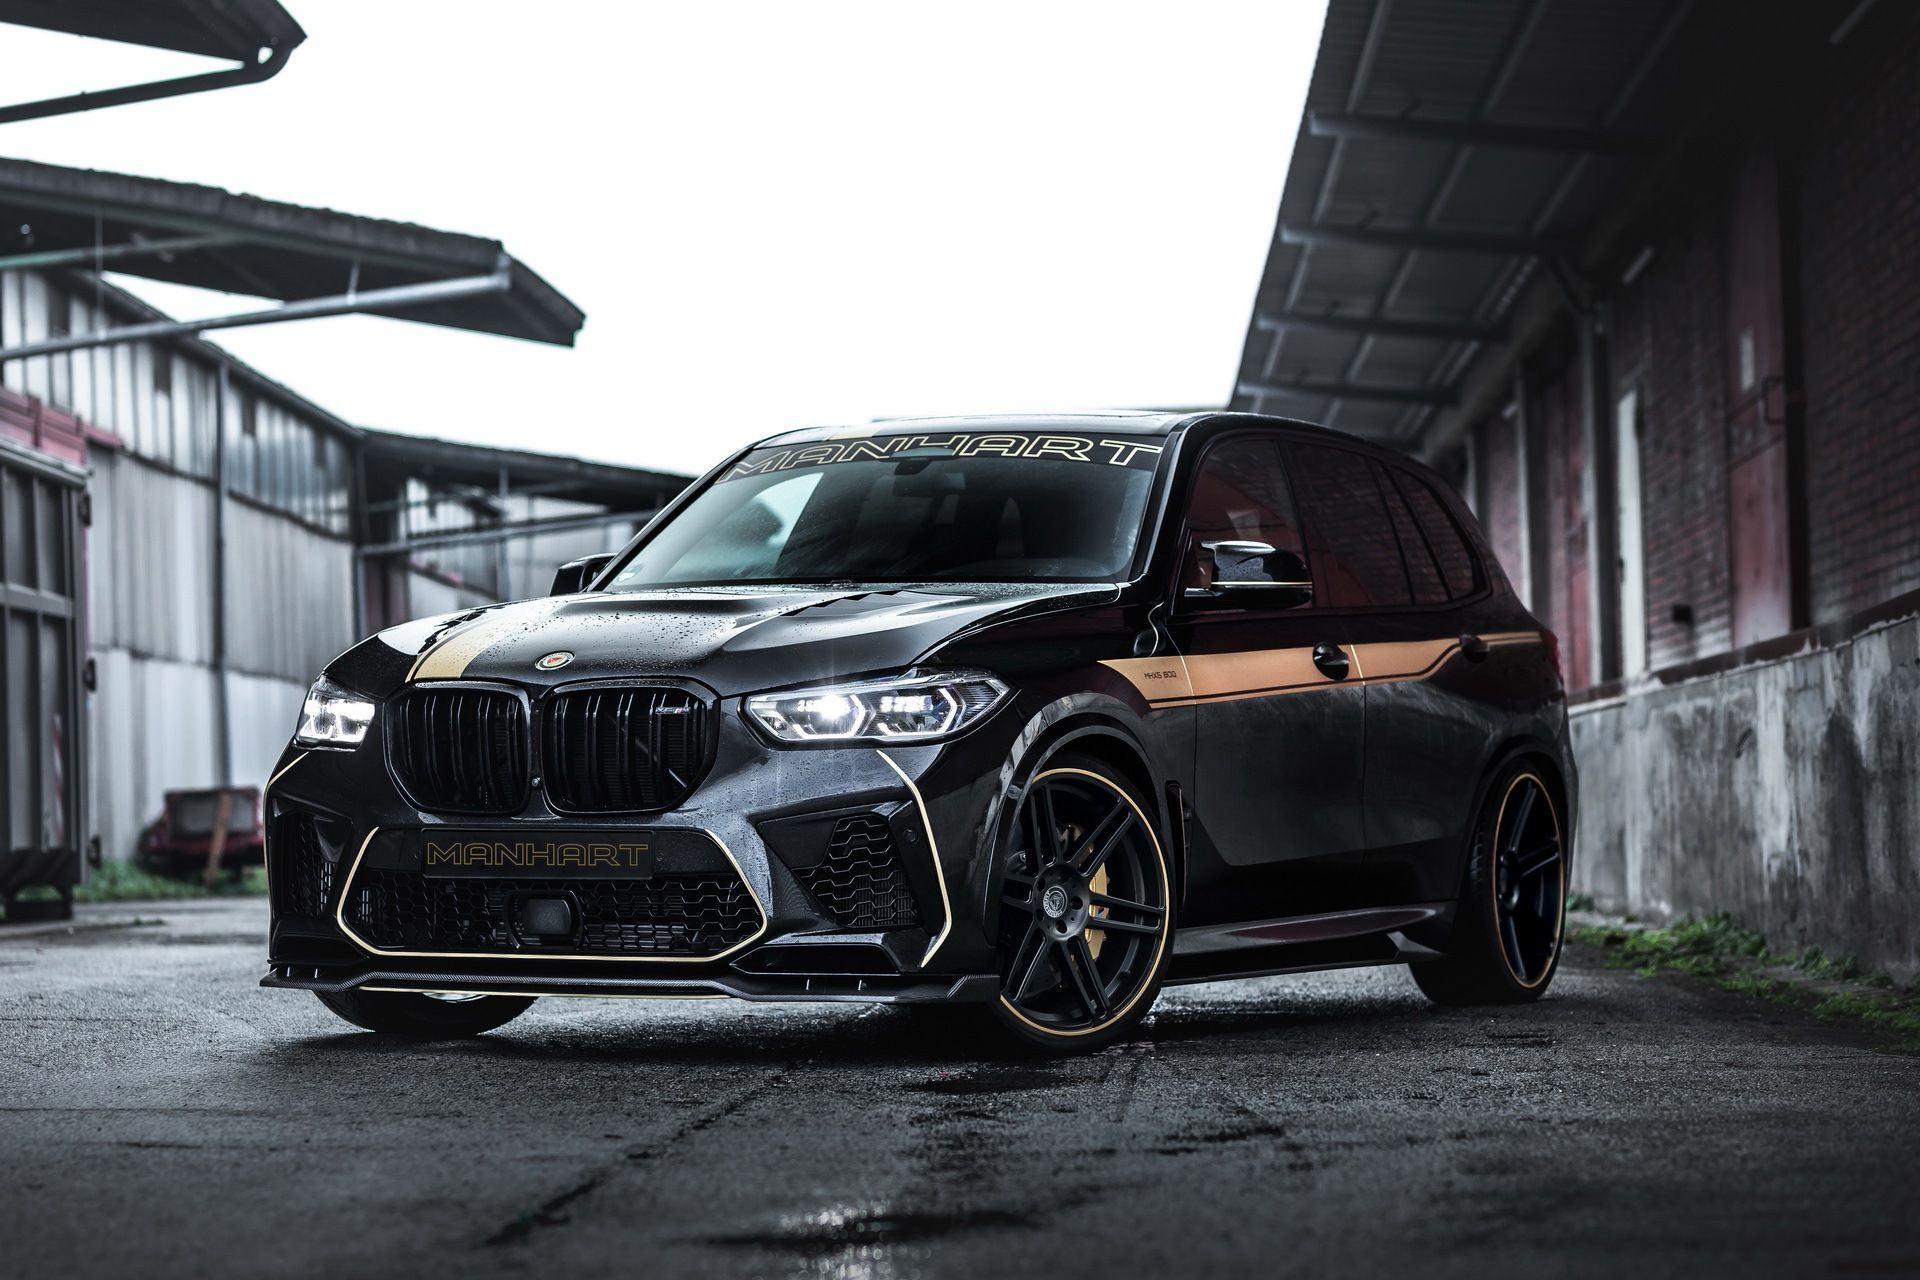 Manhart_BMW_X5_M-0010